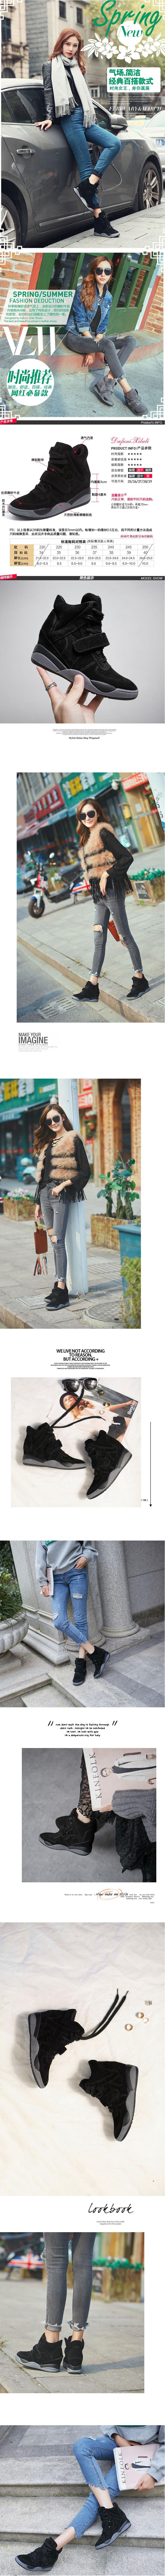 รองเท้าผ้าใบส้นสูง Velcro หนัง nubuck